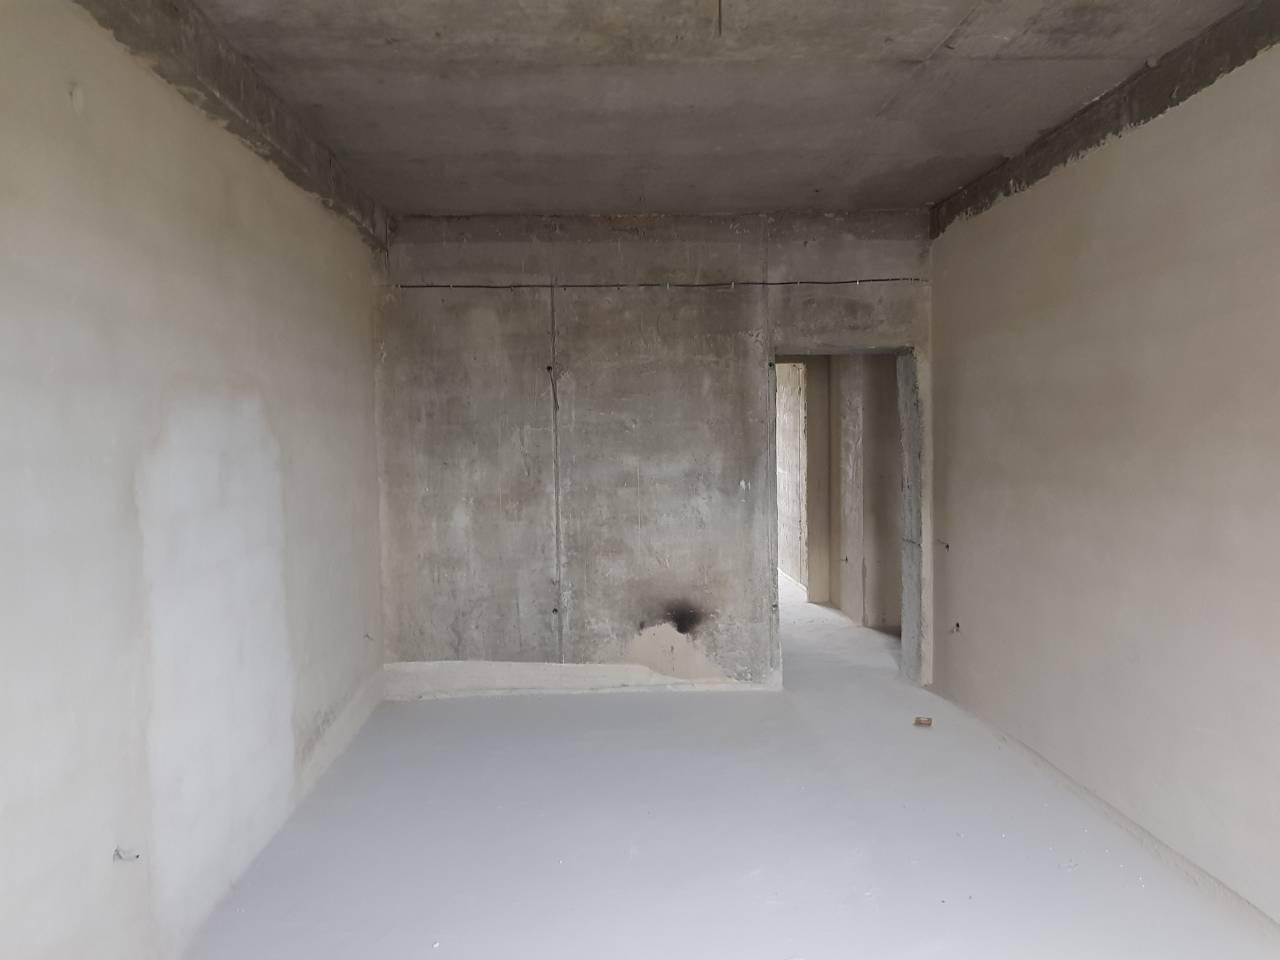 Продается 2-комнатная квартира на ул. Небесной Сотни Пр. (Жукова Марш. Пр., Ленинской Искры Пр.) — 56 000 у.е. (фото №26)